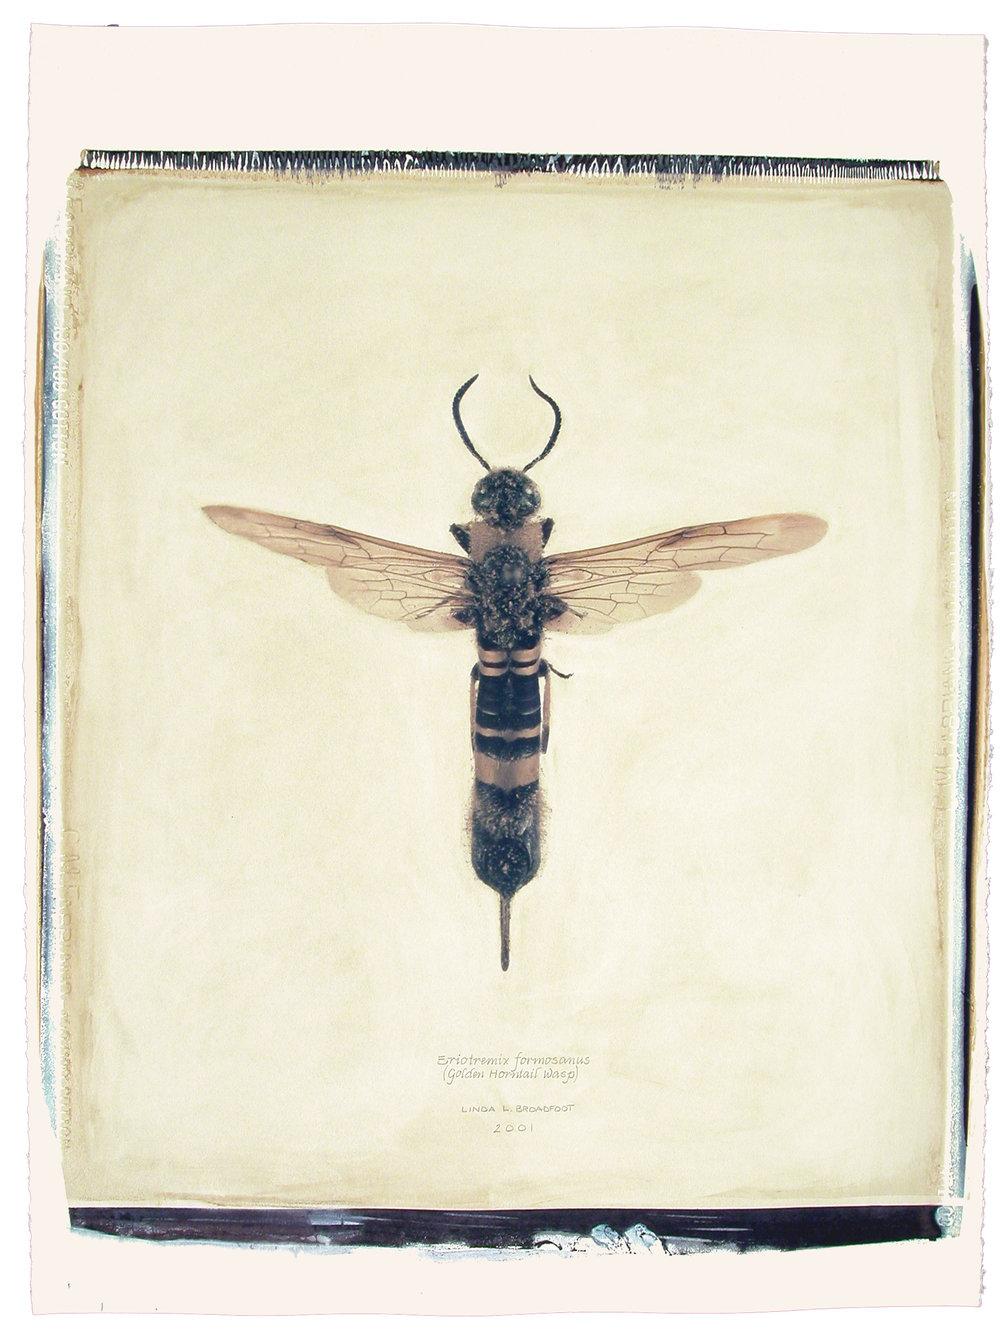 Eriotremex formosanus  (Golden Horntail Wasp), 2001